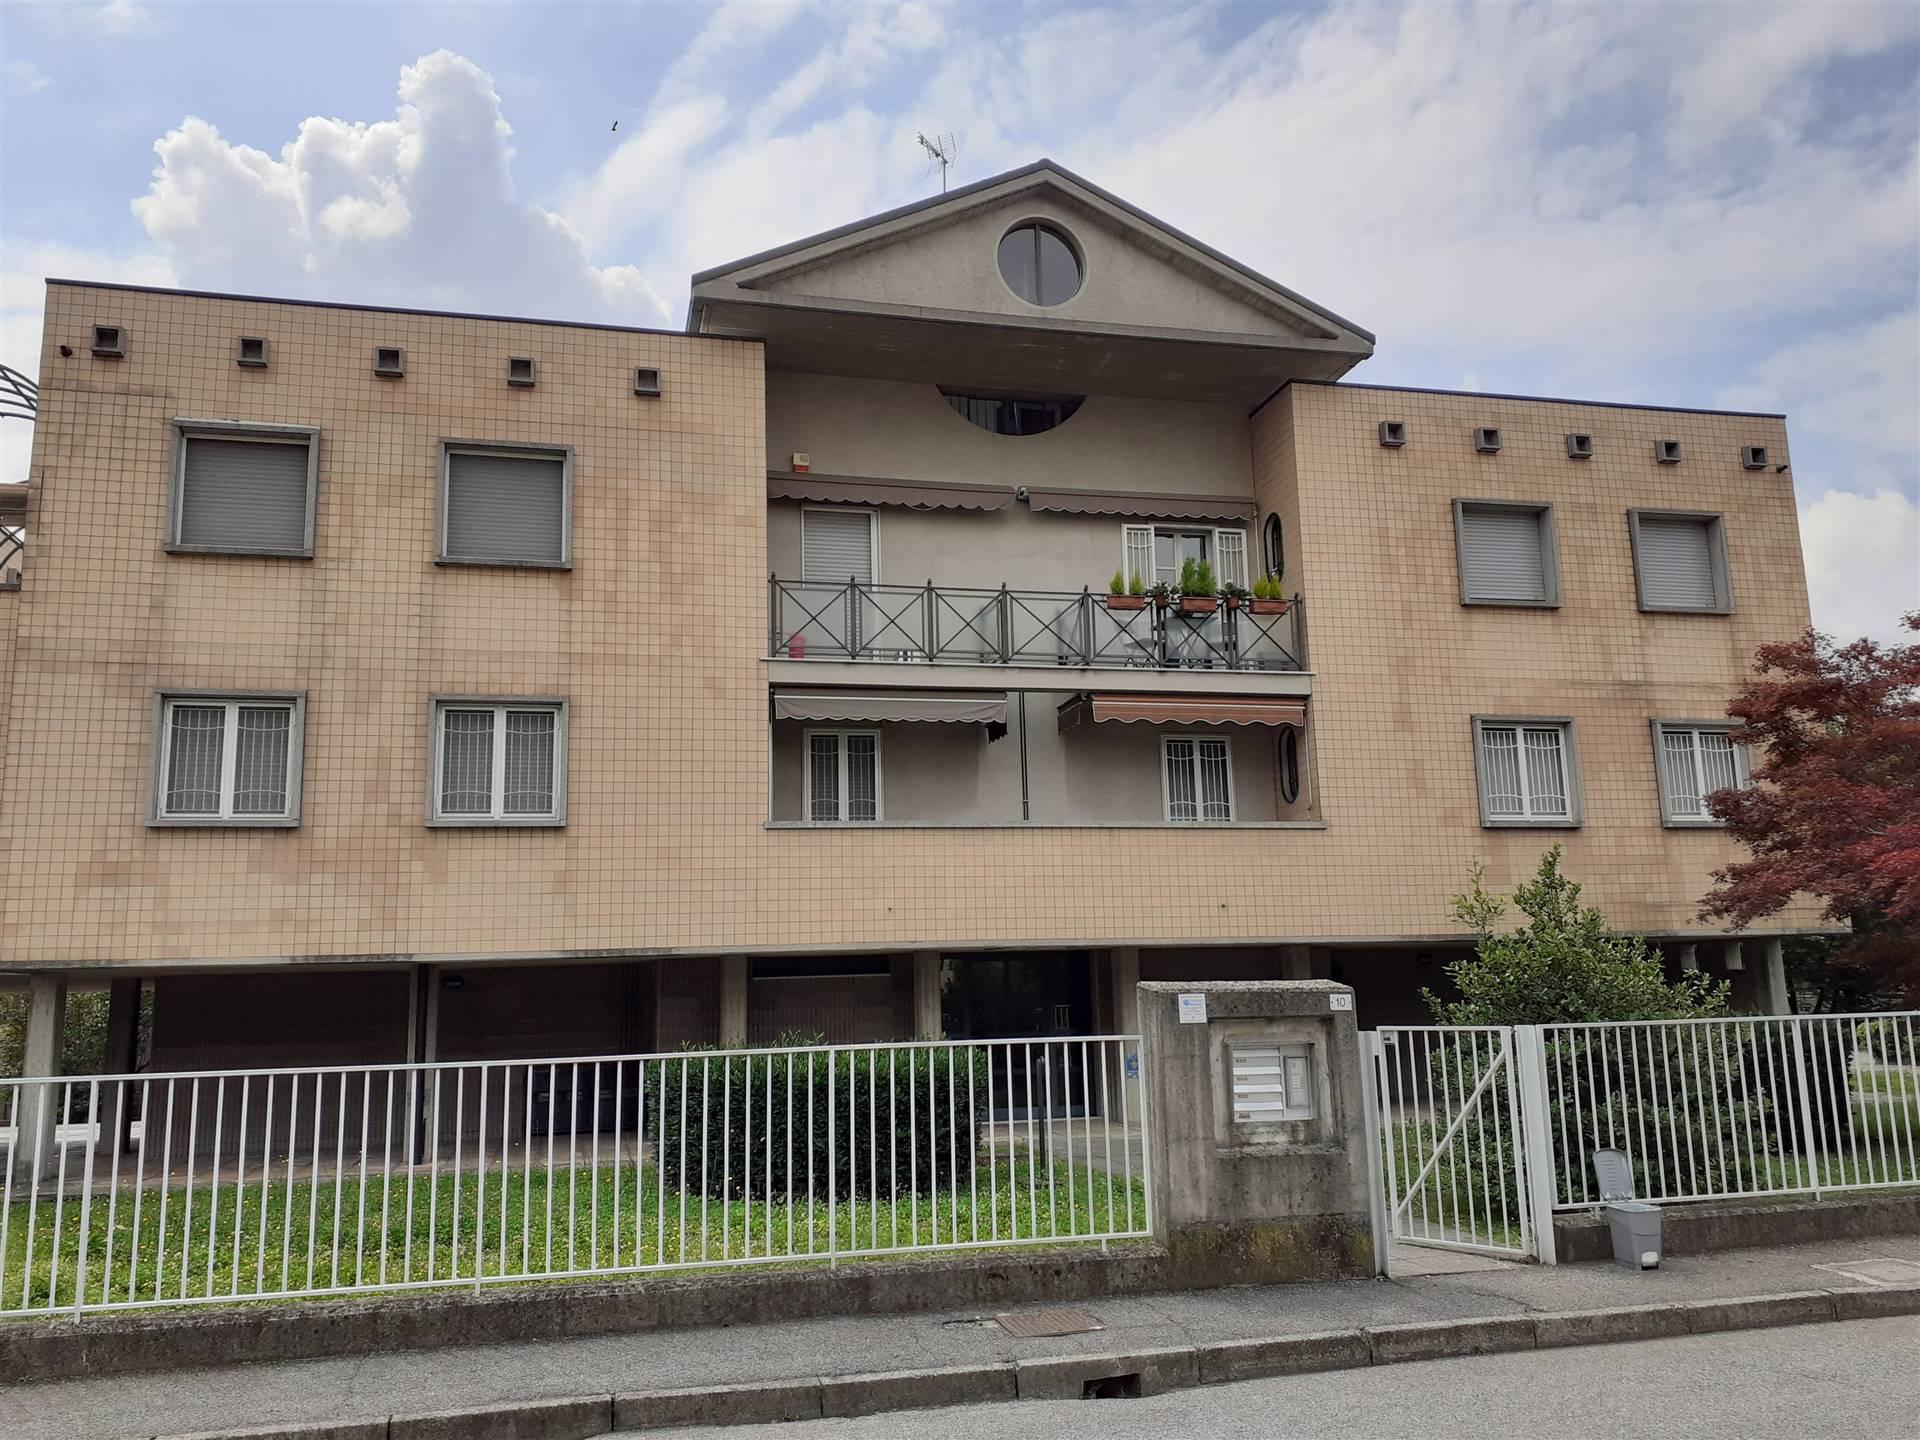 BELLINZAGO LOMBARDO, Appartamento in vendita di 133 Mq, Buone condizioni, Riscaldamento Autonomo, Classe energetica: E, Epi: 175,91 kwh/m2 anno,